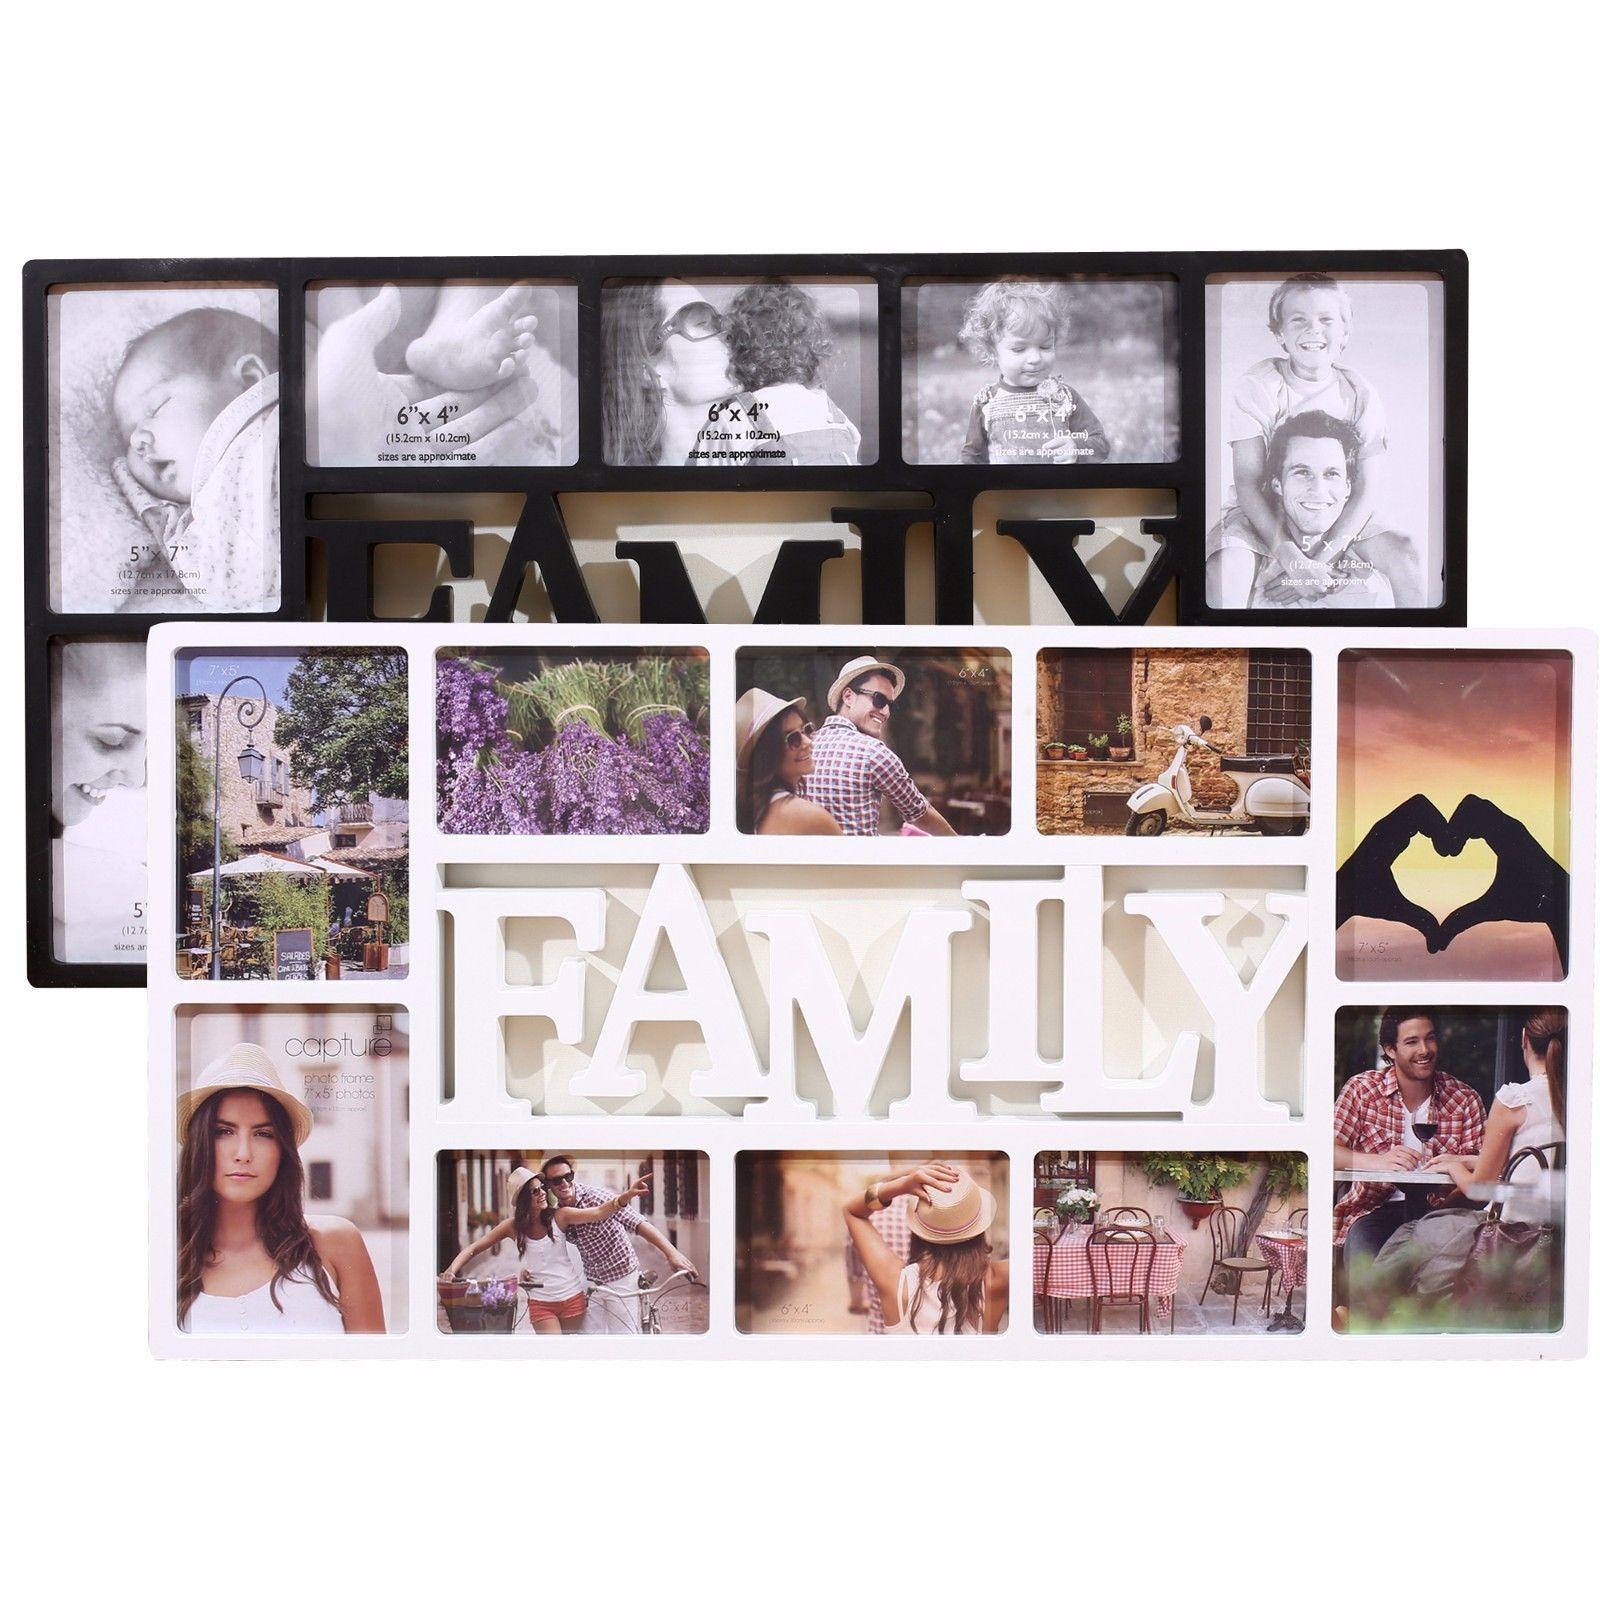 Fantastisch 5x7 Mehrere Bilderrahmen Ideen - Familienfoto Kunst ...